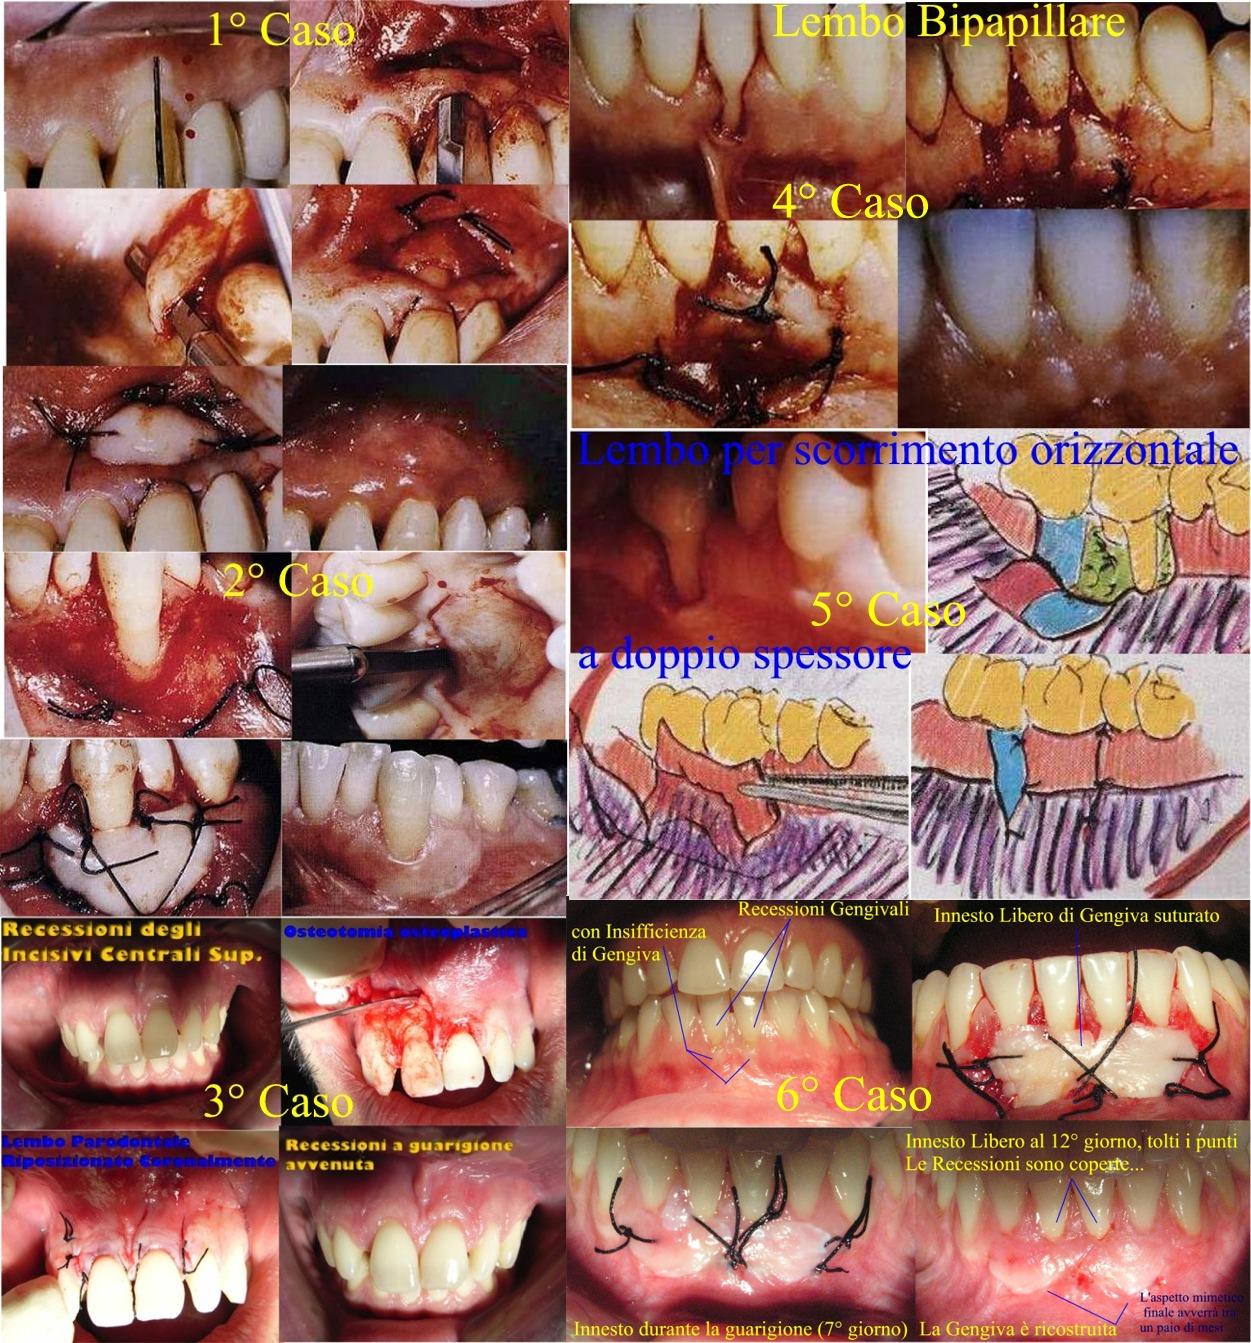 Diversi tipi di Chirurgia Mucogengivale Parodontale per la Terapia delle Recessioni Gengivali. Da casistica del Dr. Gustavo Petti Parodontologo di Cagliari